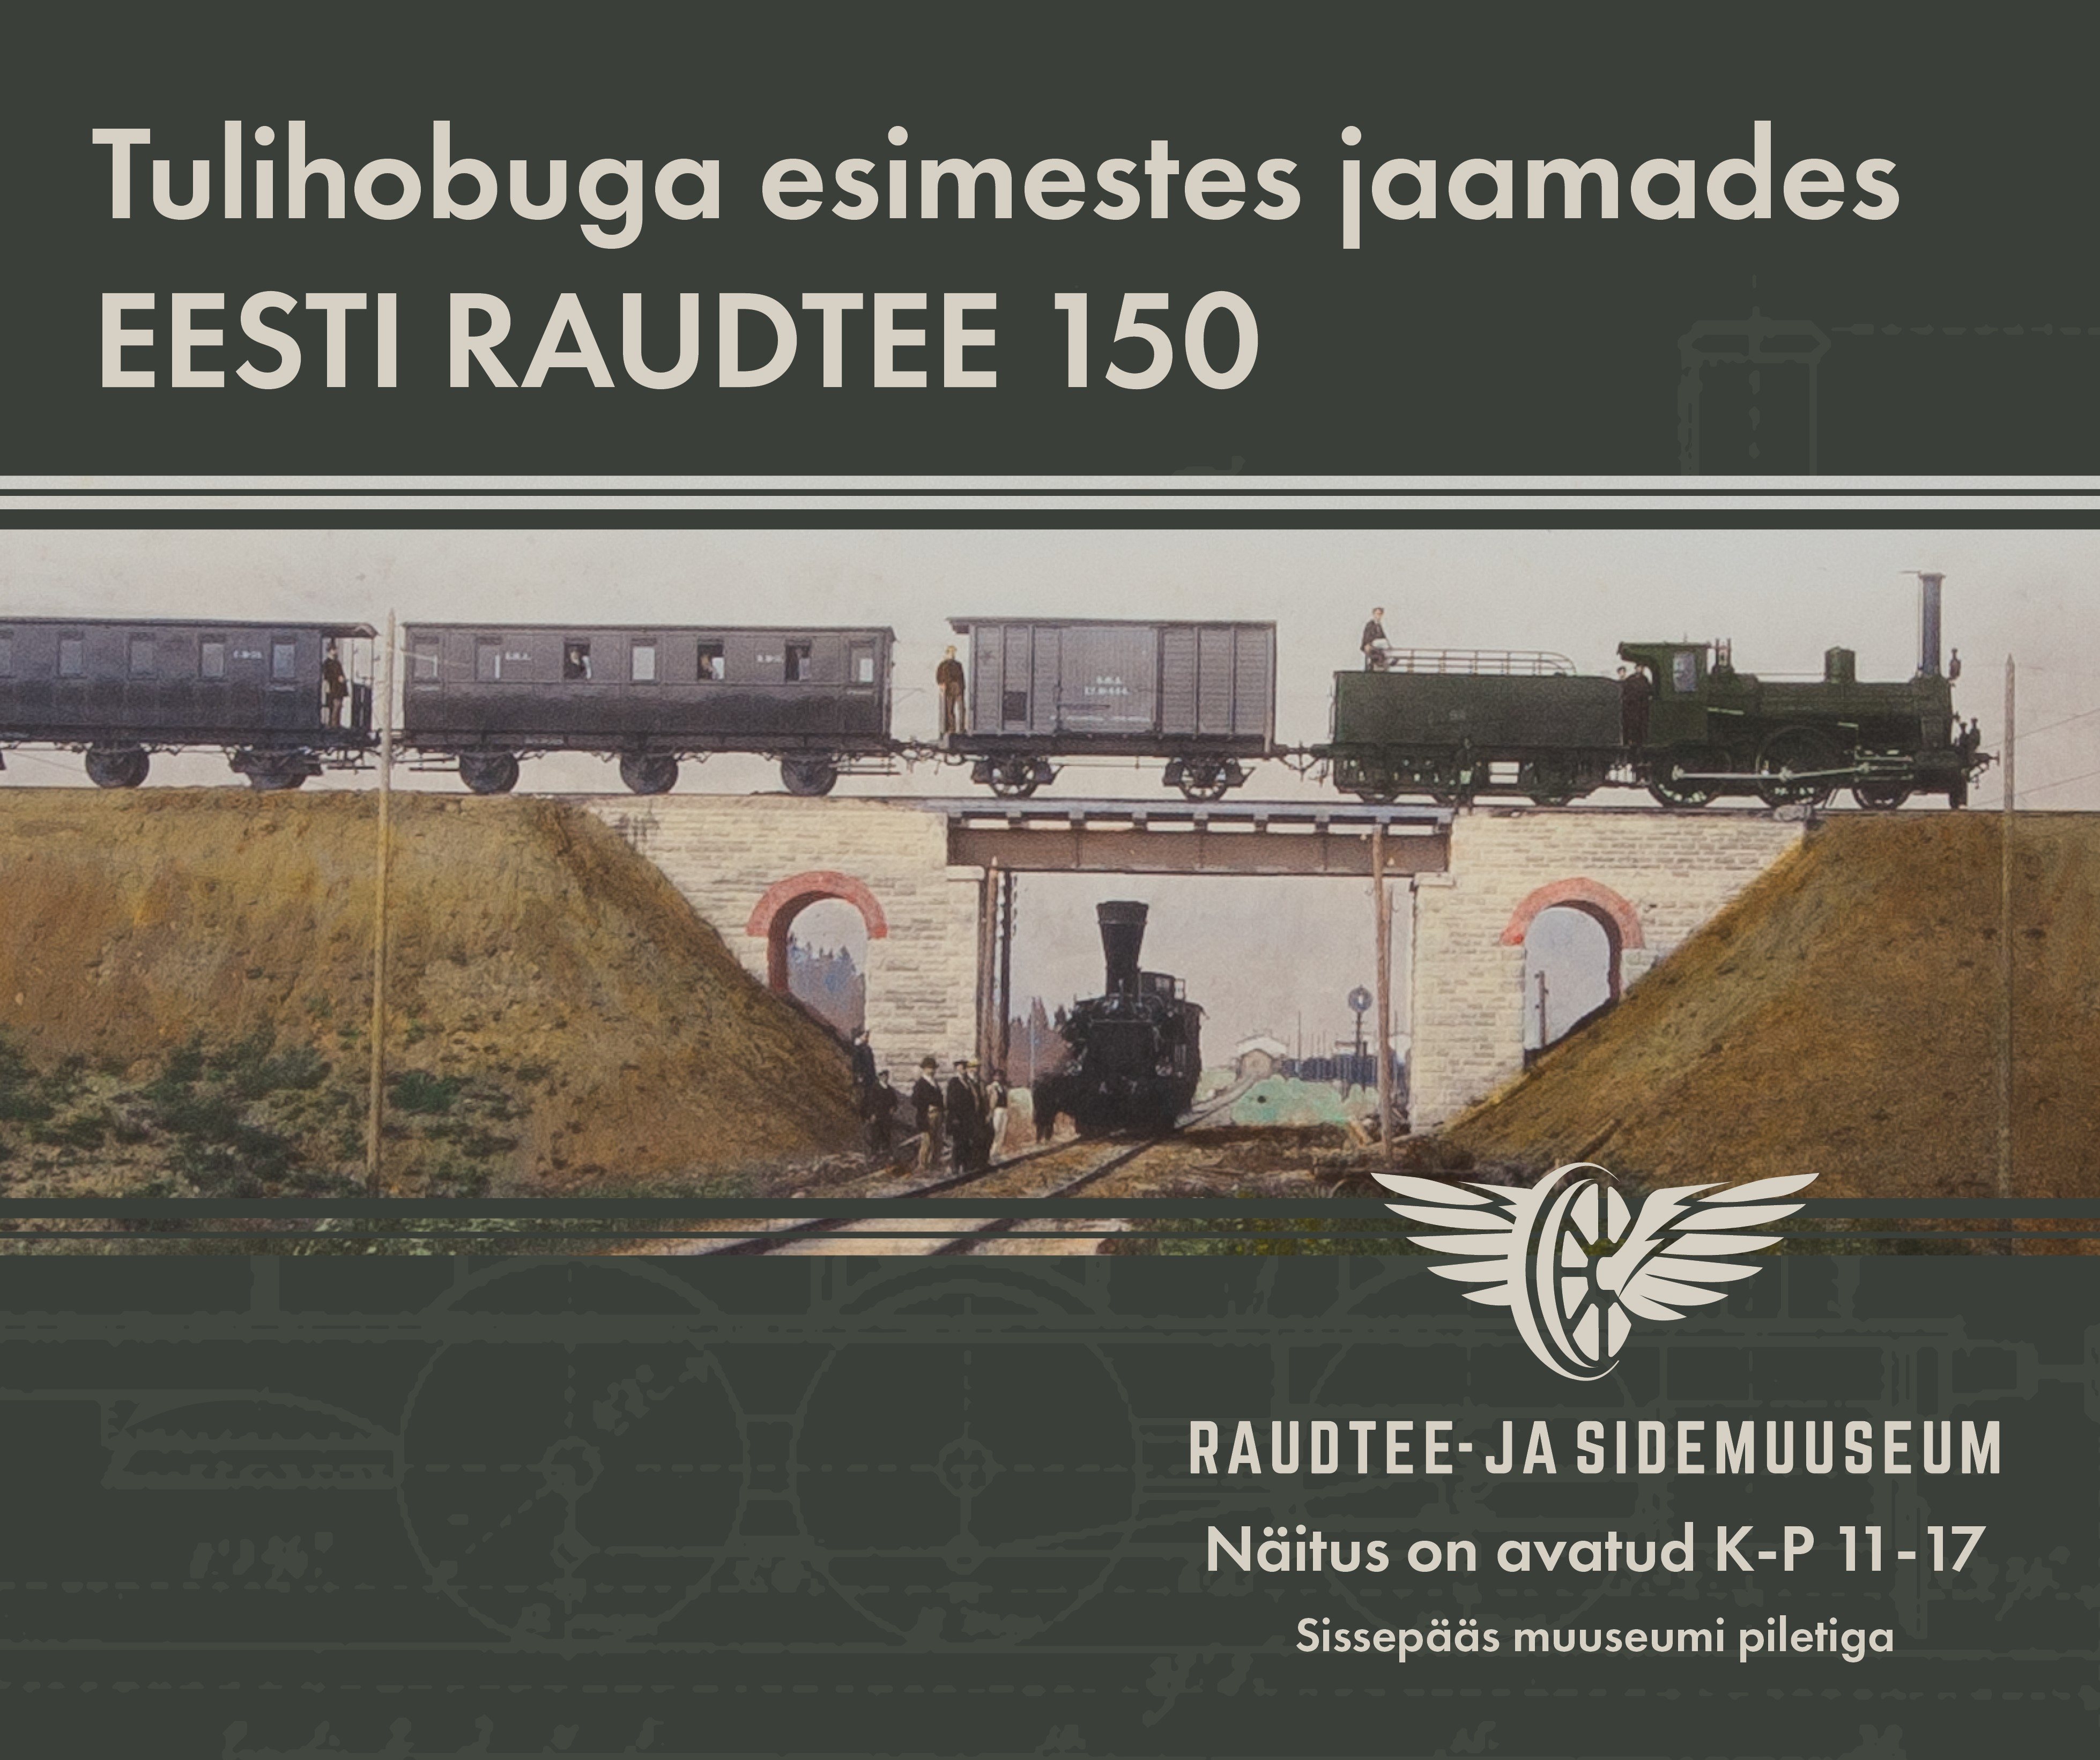 Raudtee- Ja Sidemuuseumis Saab Näha Raudtee Algusaastaid Tutvustavat Näitust